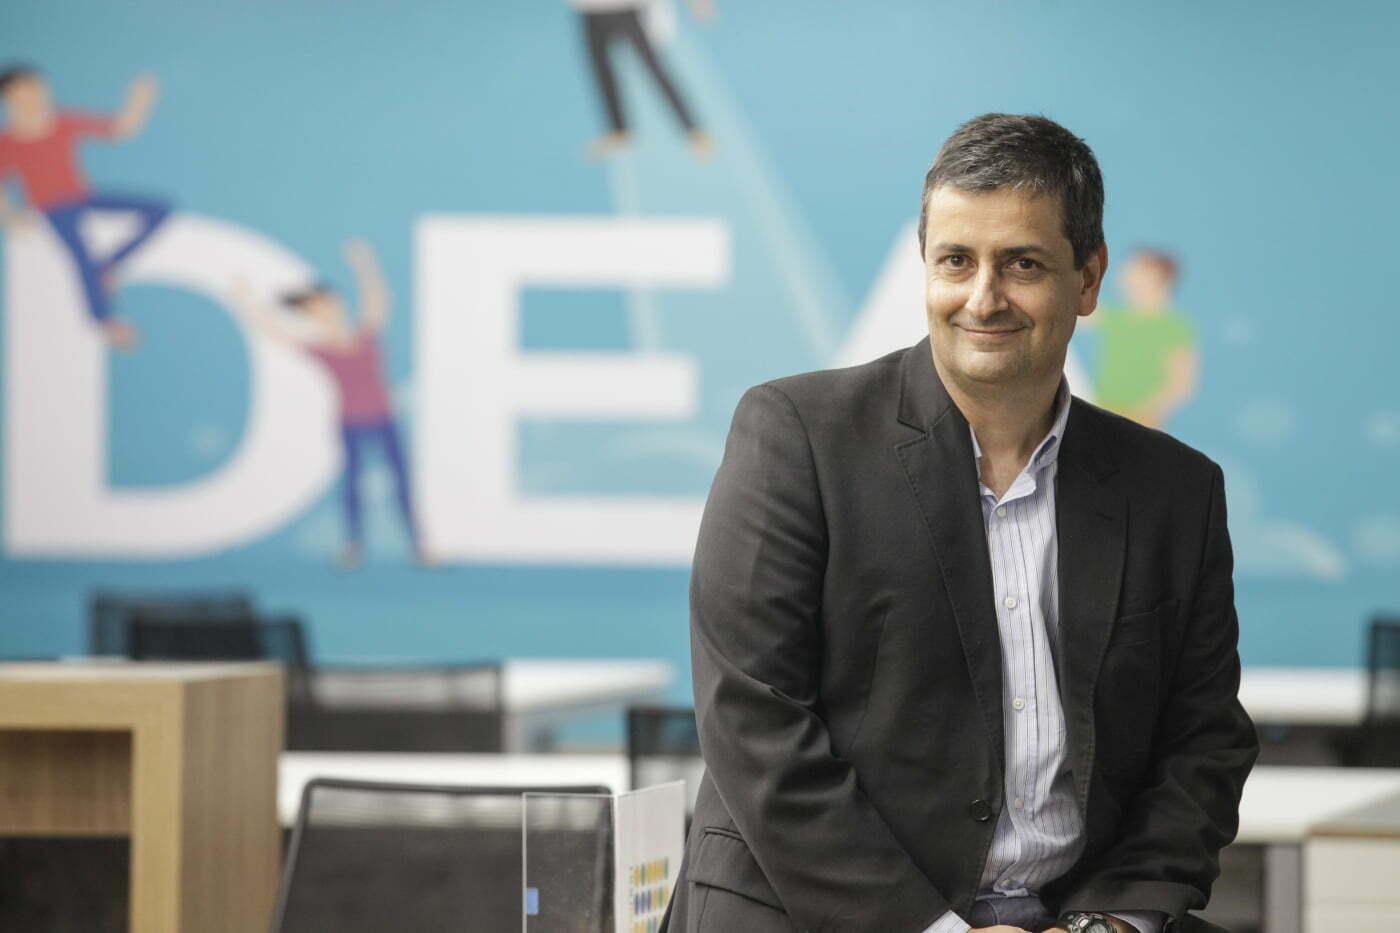 Cláudio Terra, diretor de Inovação e Gestão do Conhecimento do Einstein, na inauguração da incubadora de startups Eretz.bio, este mês (foto: Fabio Mendes).